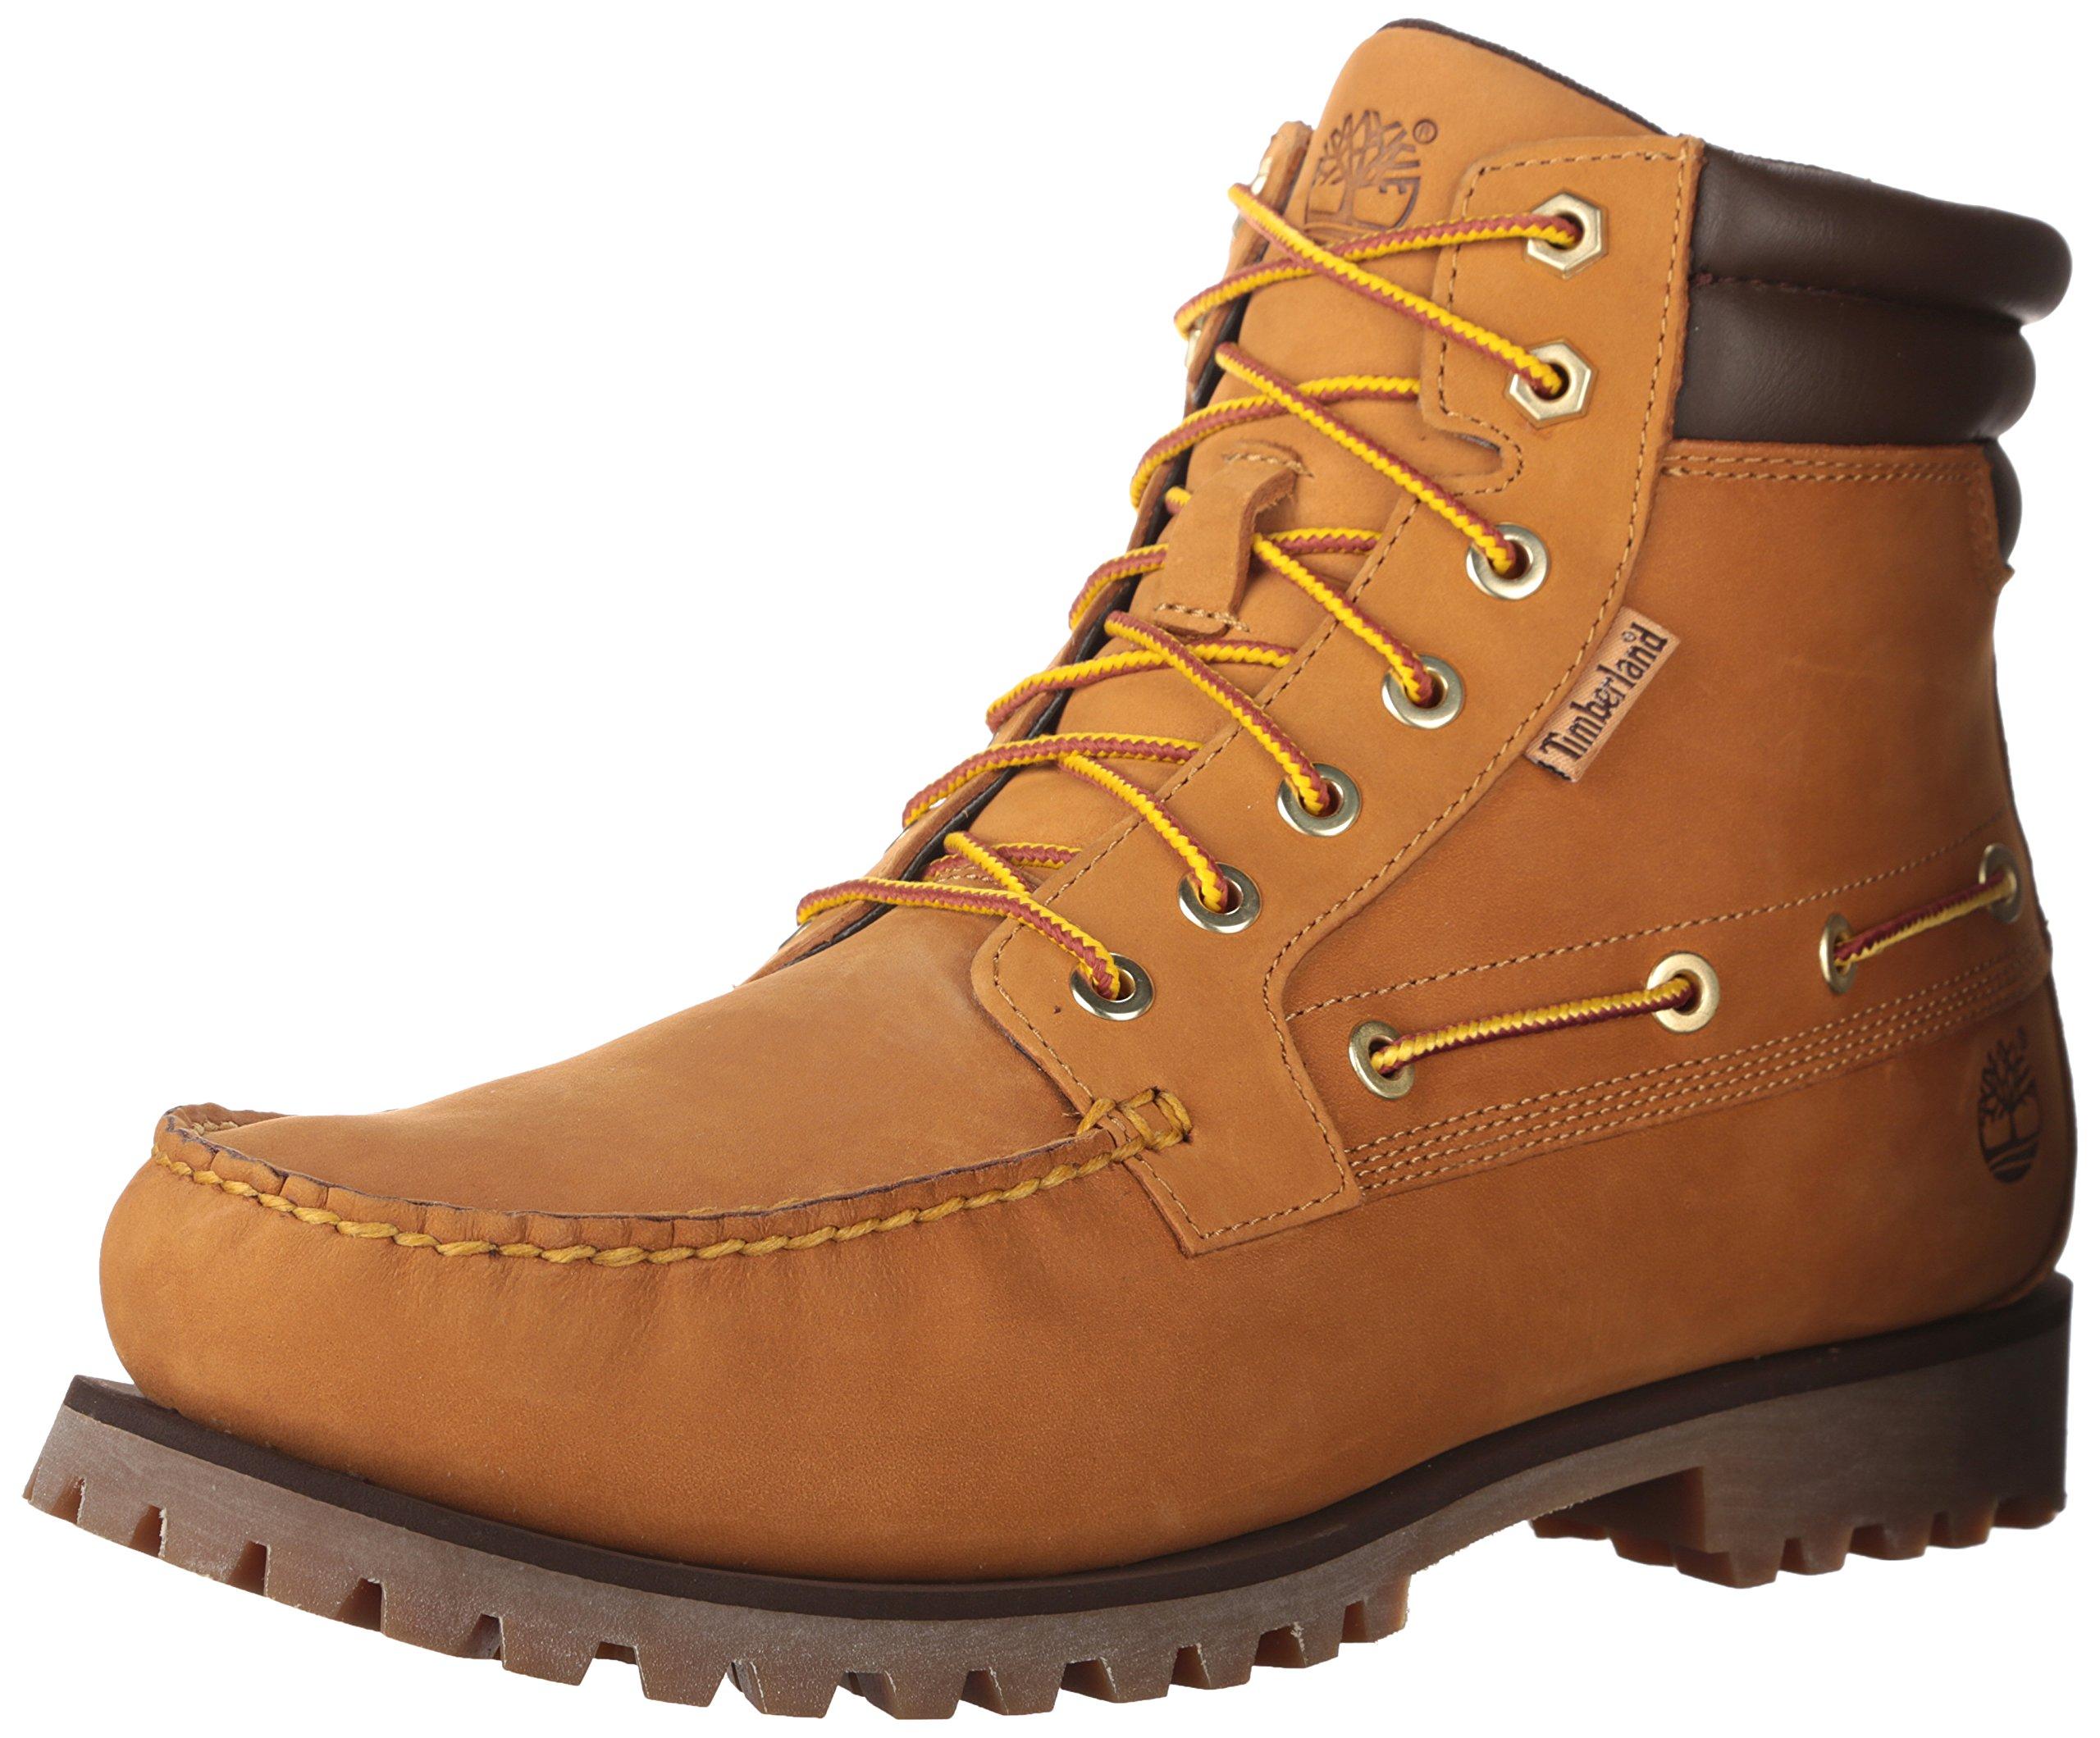 Timberland Men's Oakwell 7-Eye Lace-Up Boot,Wheat,8.5 M US